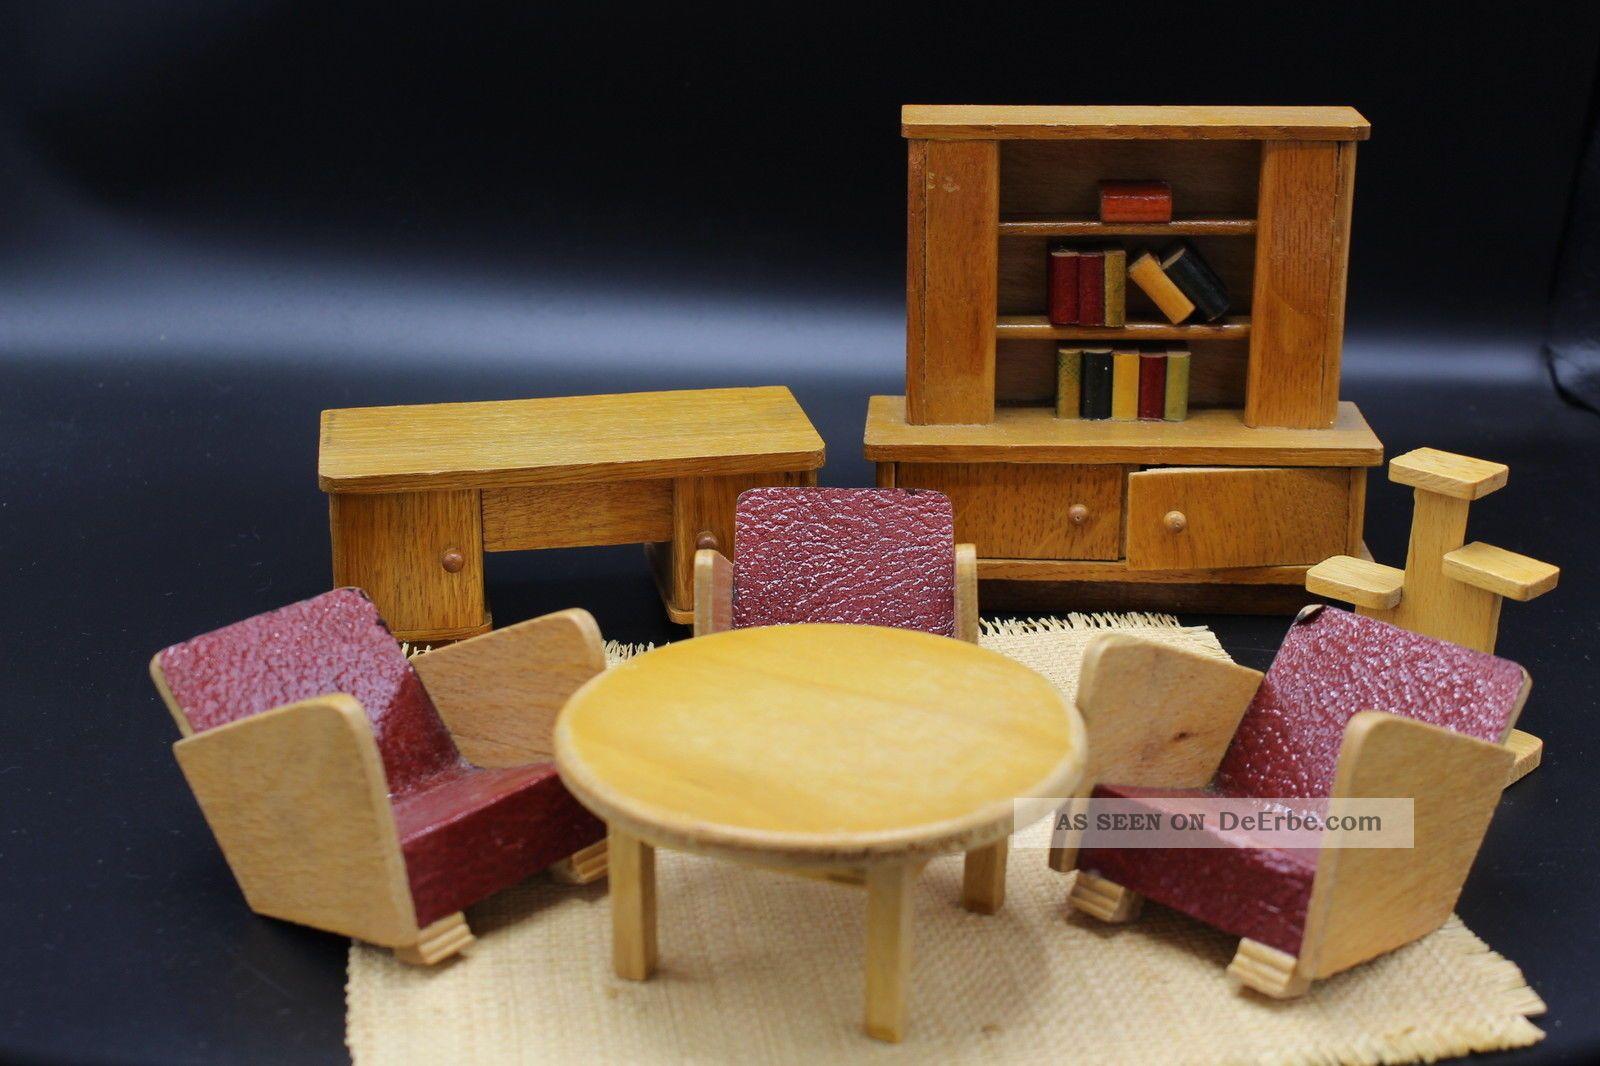 Mid Century Design Puppenwohnzimmer Um 1950 Puppenhaus Puppenstube Puppenstuben & -häuser Bild